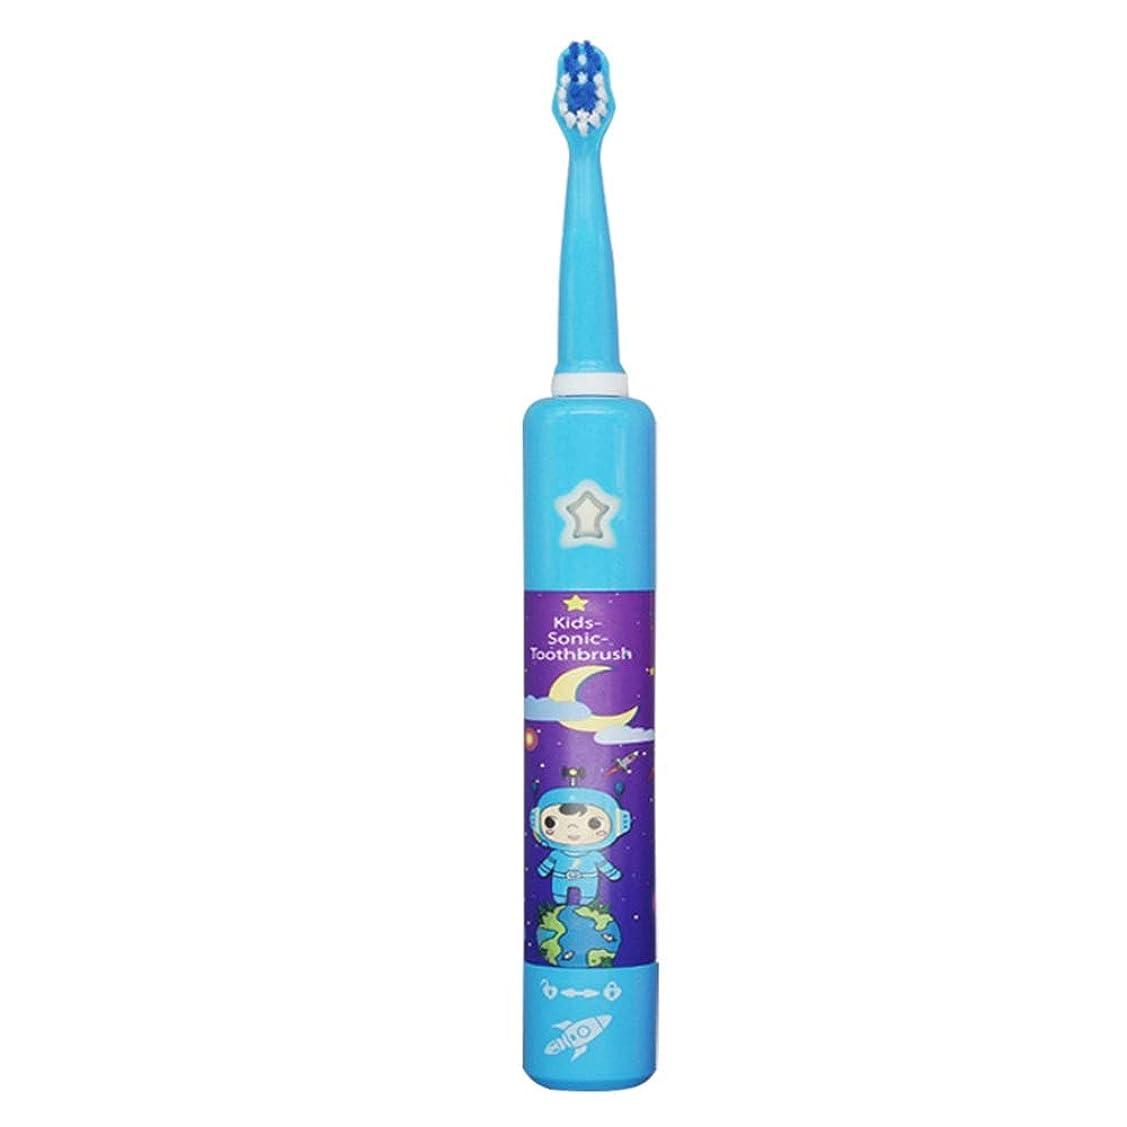 ナンセンス殺人ランダム電動歯ブラシ, 子供の電気USB充電式歯ブラシかわいい柔らかい髪音楽歯ブラシホルダーと1つの交換用ヘッド (色 : 青, サイズ : Free size)